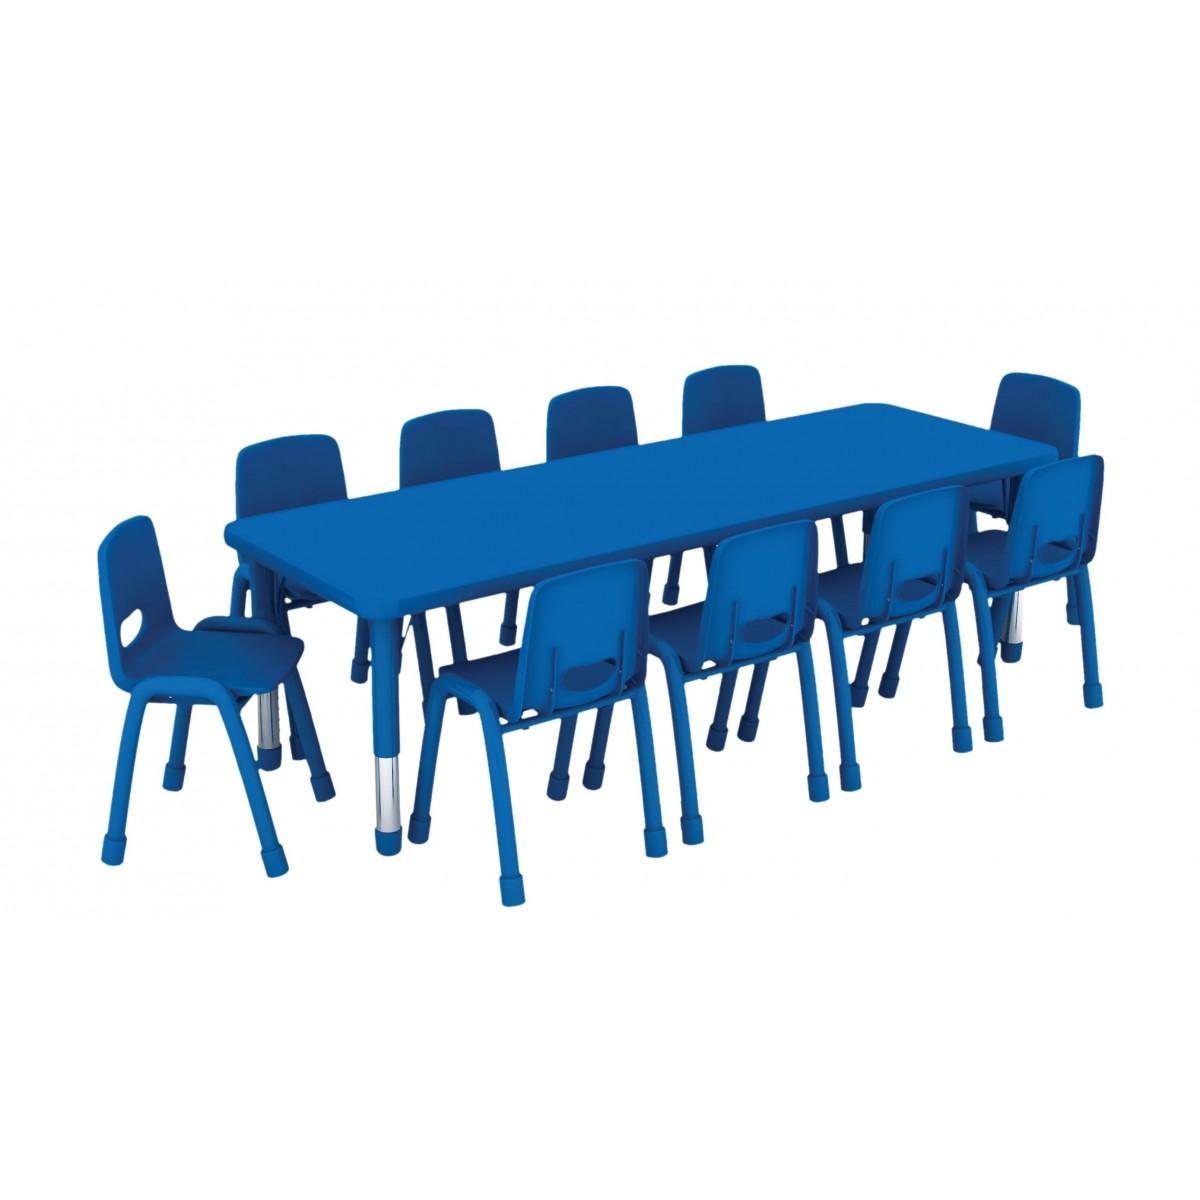 طاولة مستطيلة متعددة المستويات خشب  180*60*37-62 سم